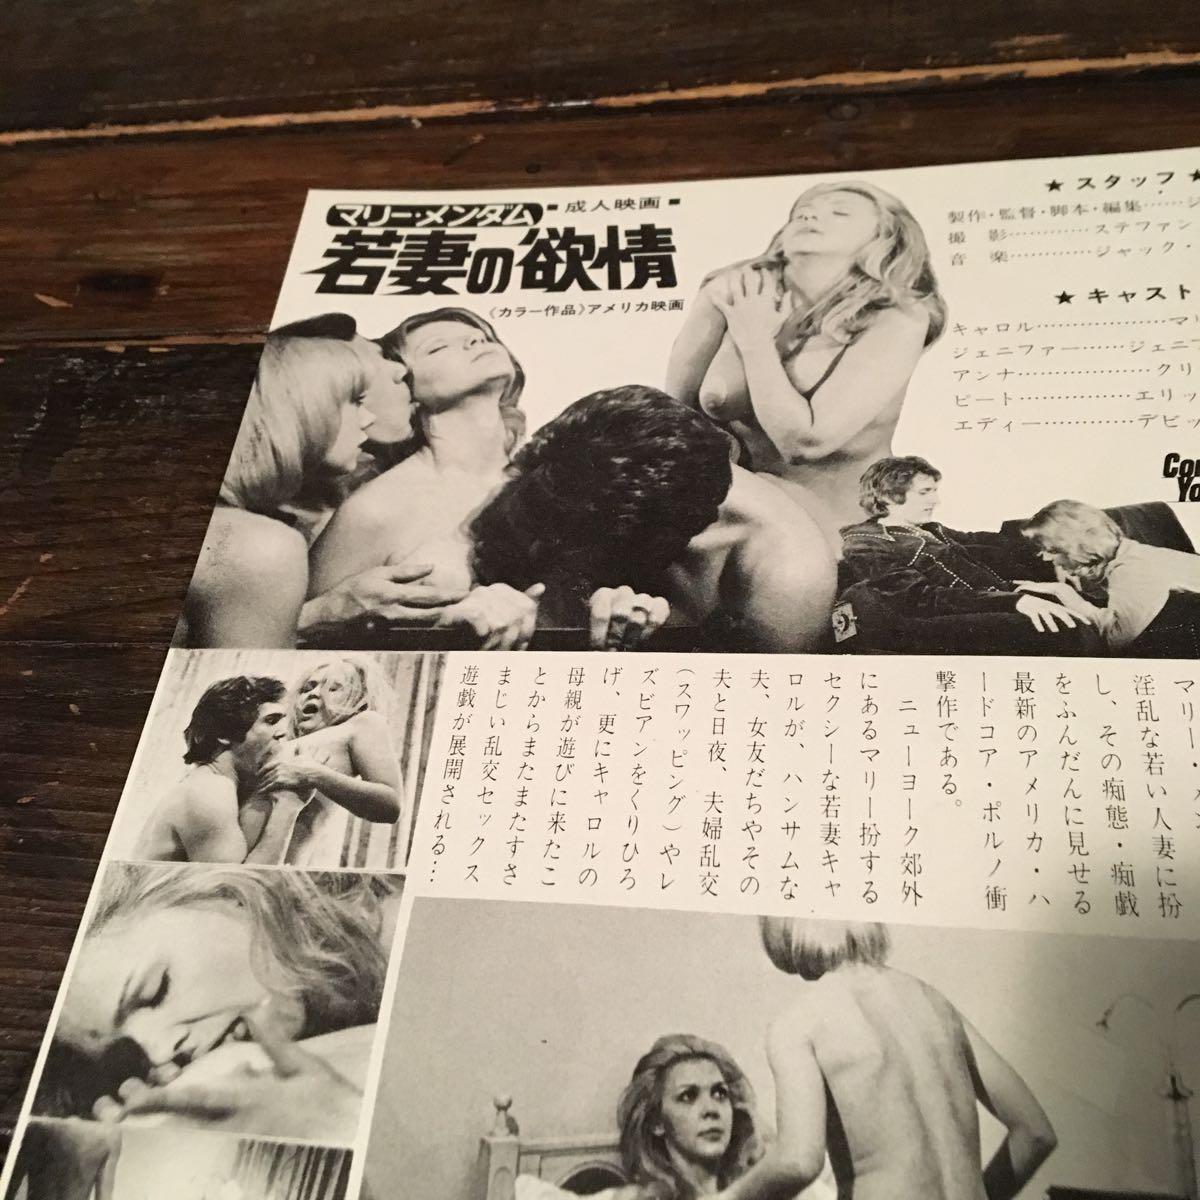 成人映画チラシ マリー・メンダム 若妻の欲情 美品_画像10